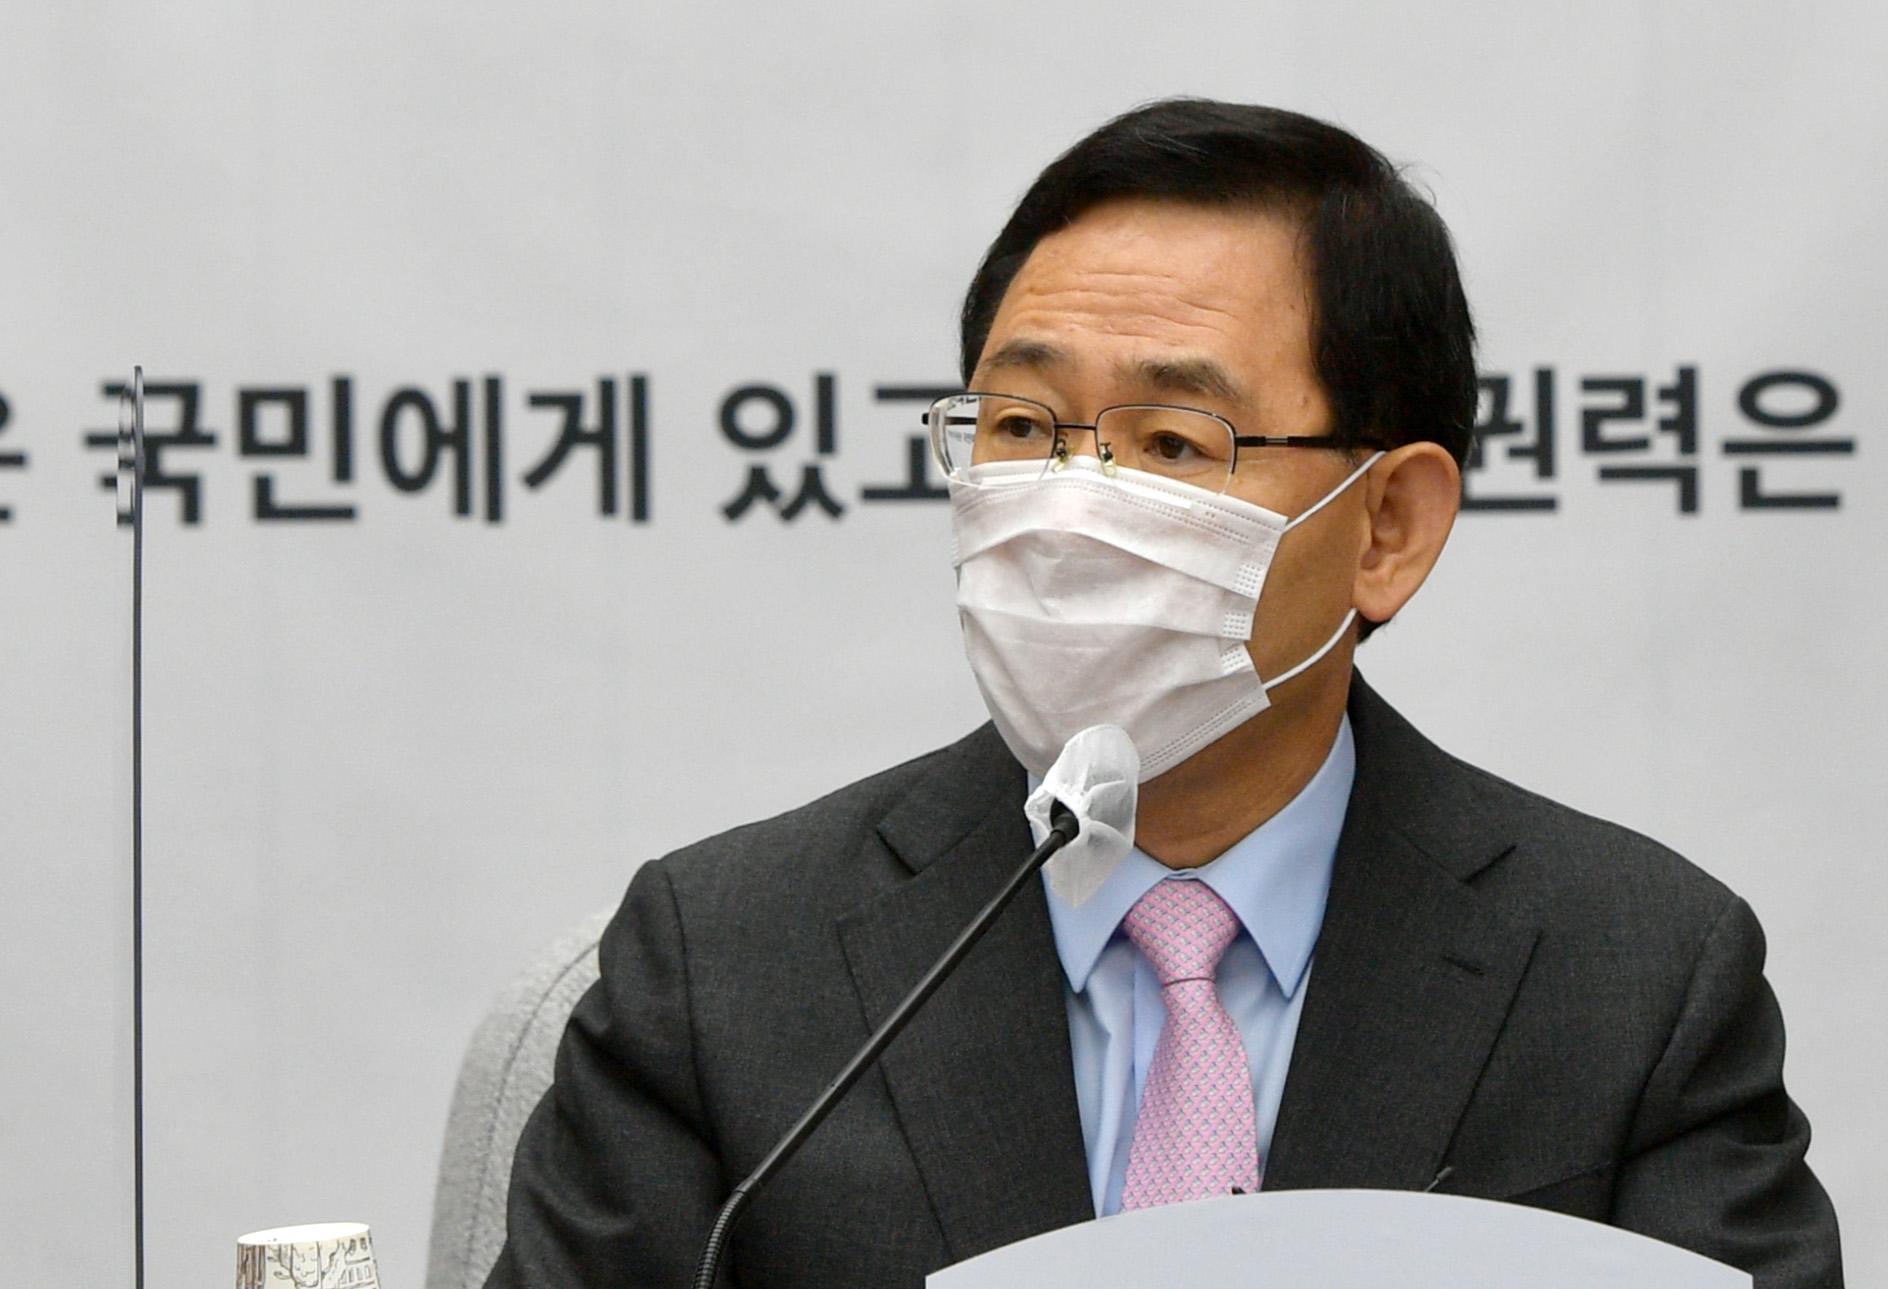 """주호영 """"추미애 손바닥으로 하늘 못 가려""""…특검 촉구"""